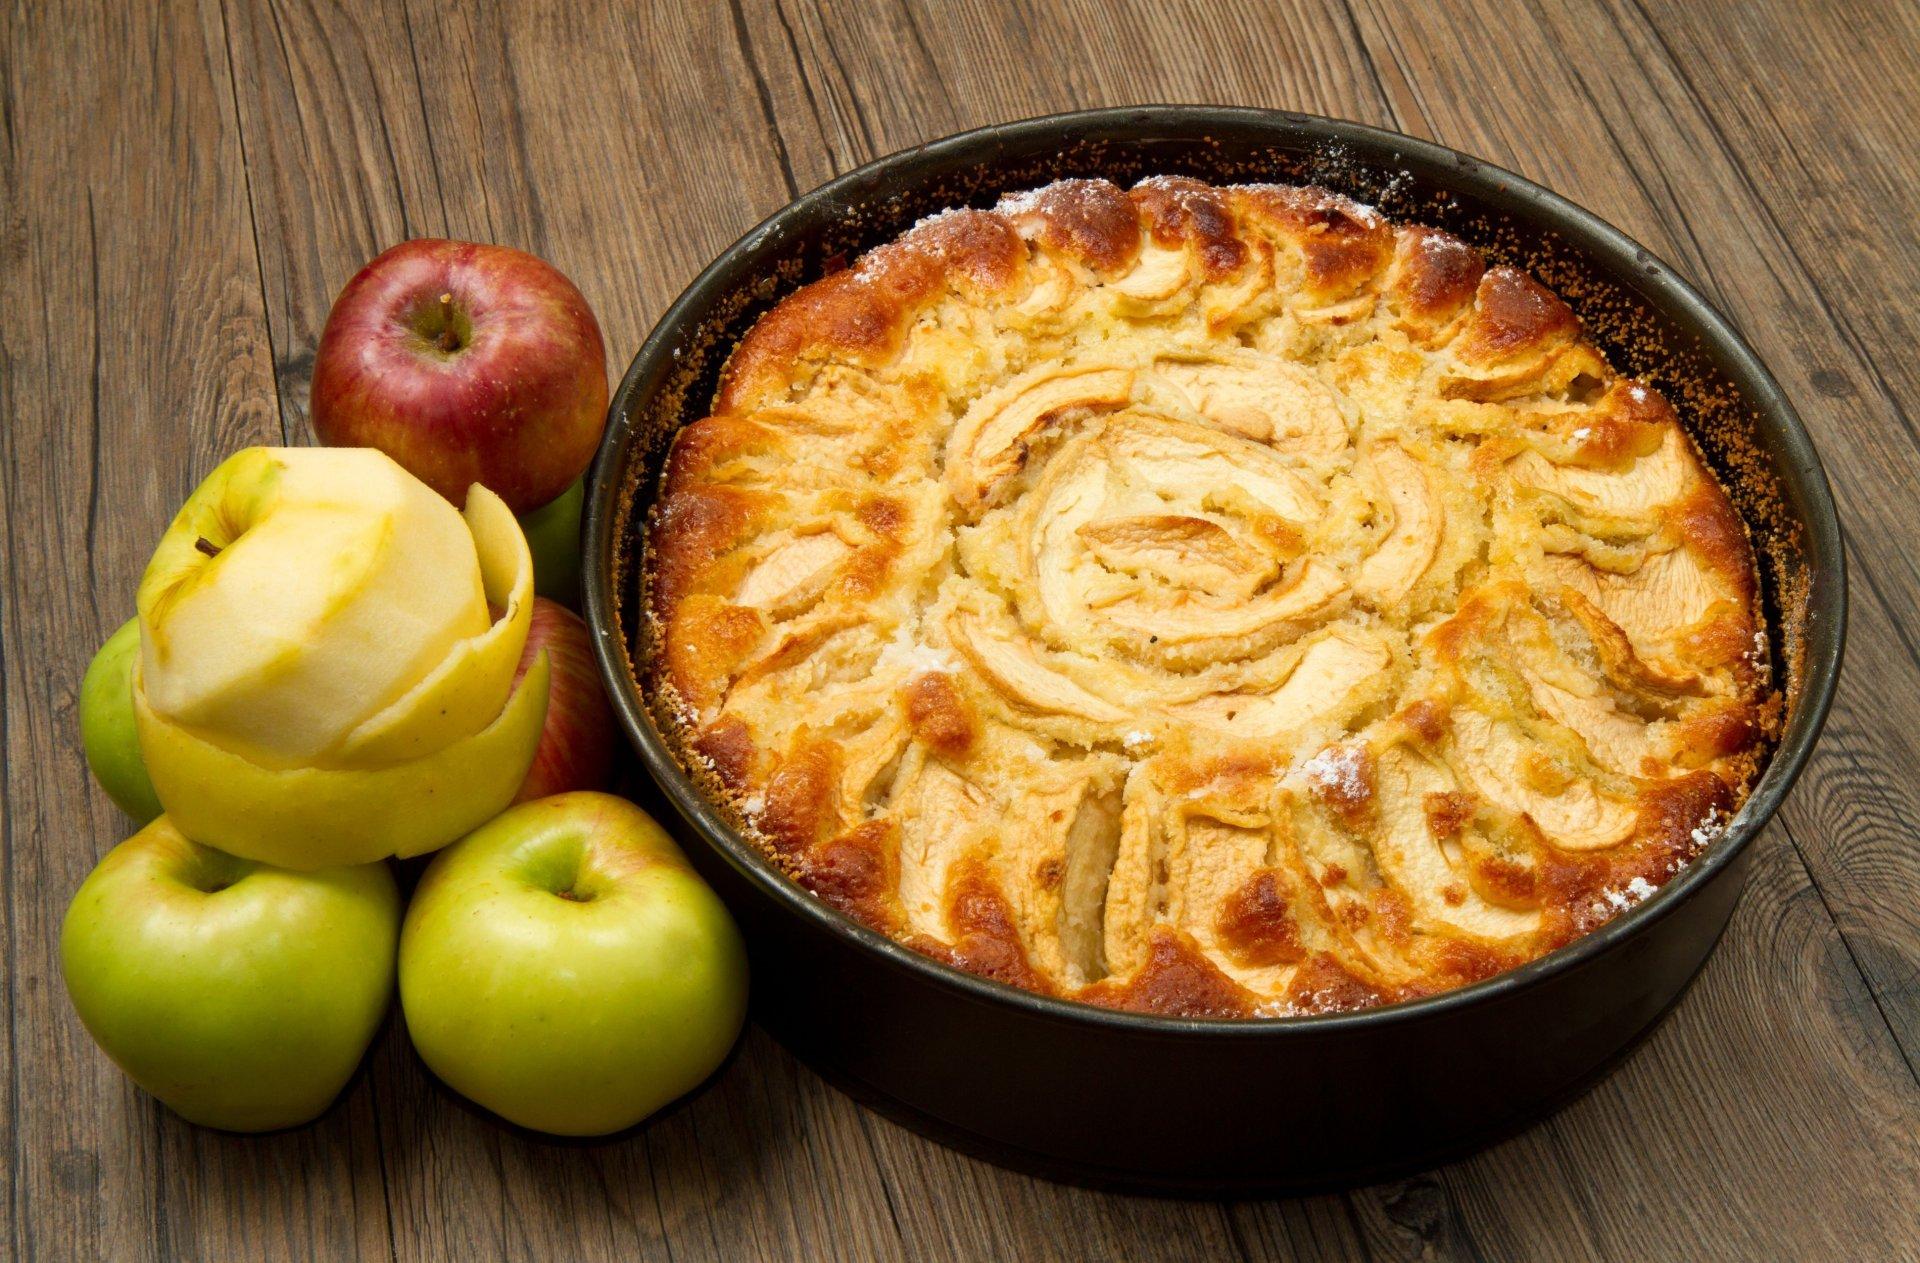 того, простые блюда из яблок рецепты с фото кадры